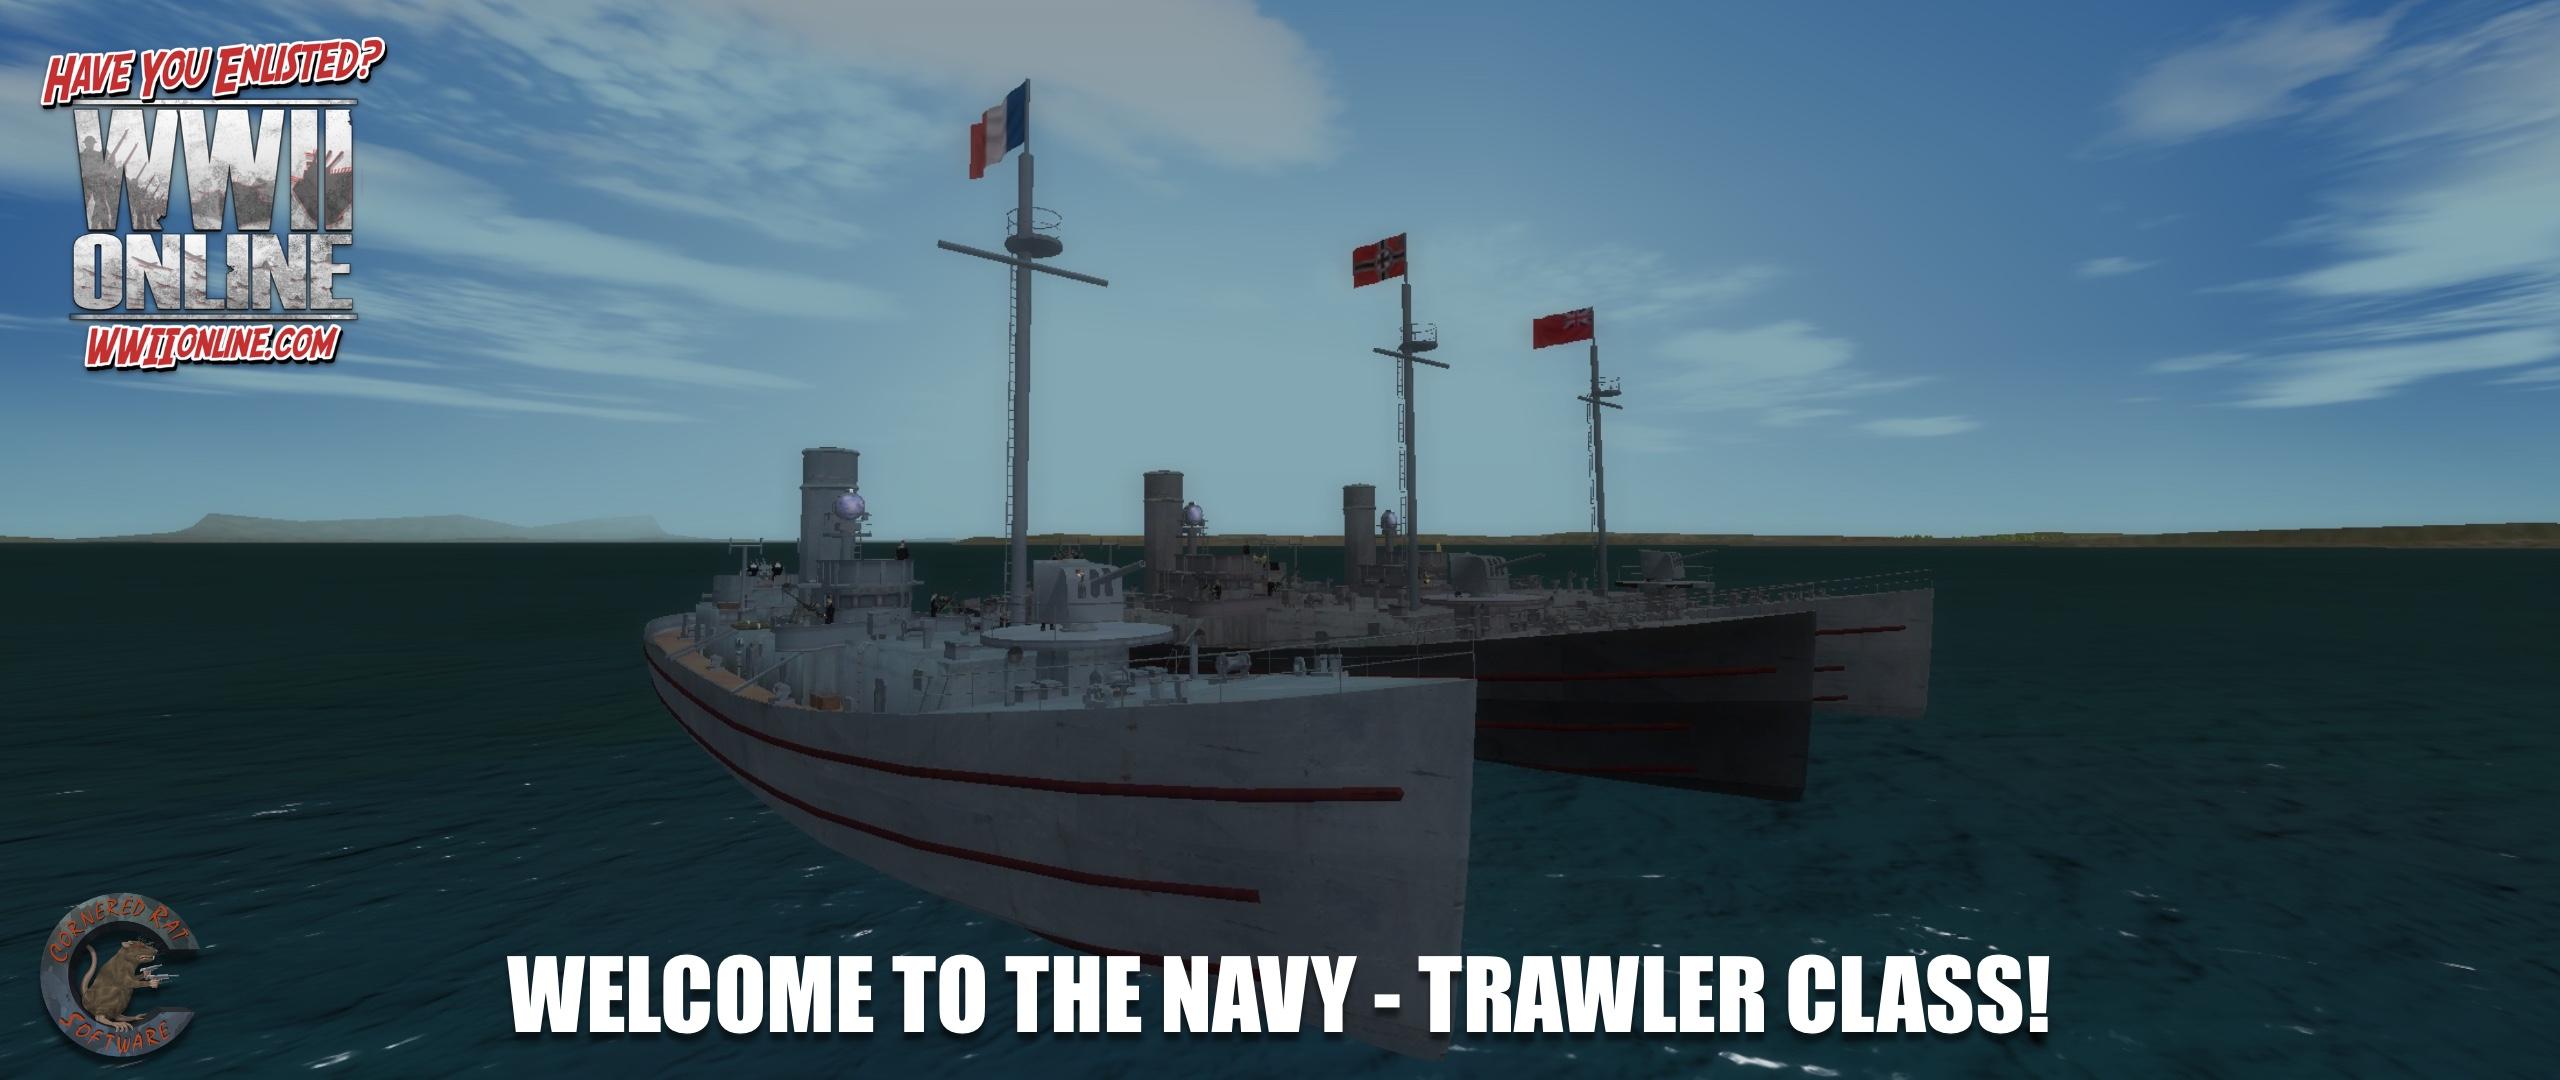 1 trawler1